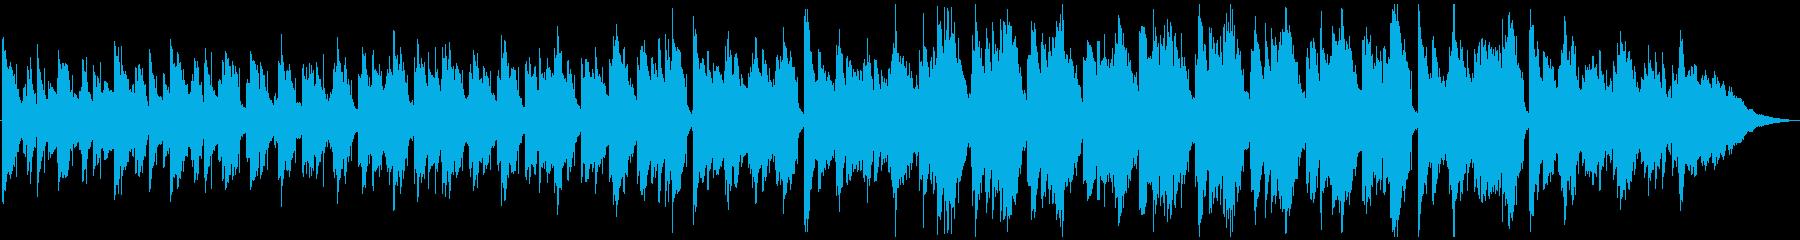 エレピメインのゆったりソウルバラード風の再生済みの波形